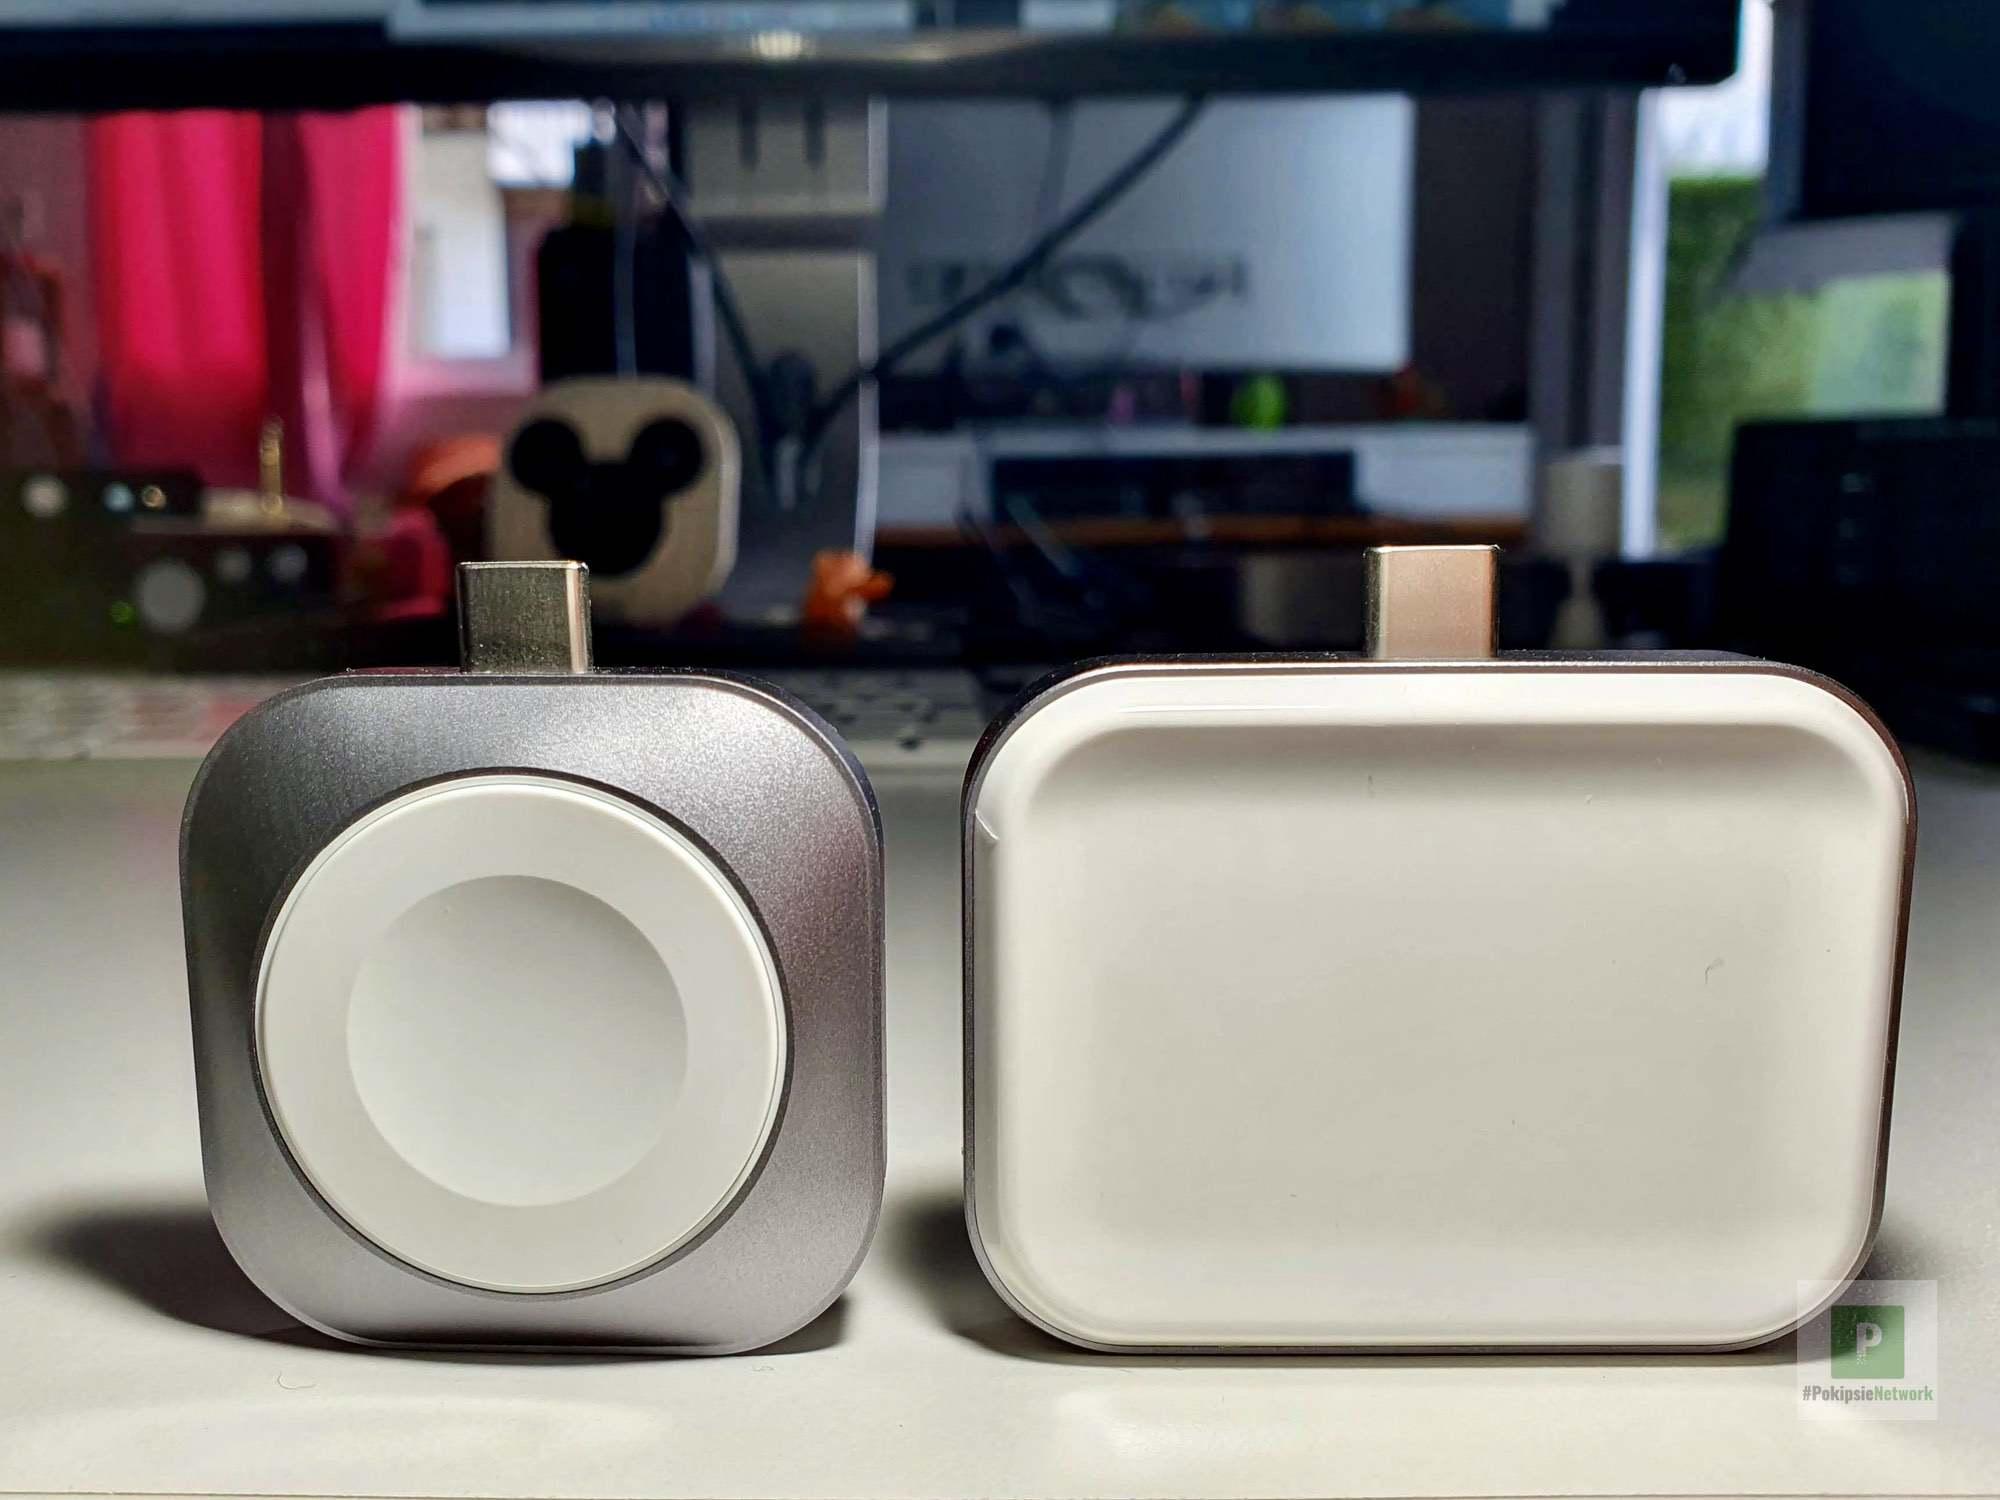 Mobiler USB-C Ladeadapter für die Apple Watch und AirPods im Test